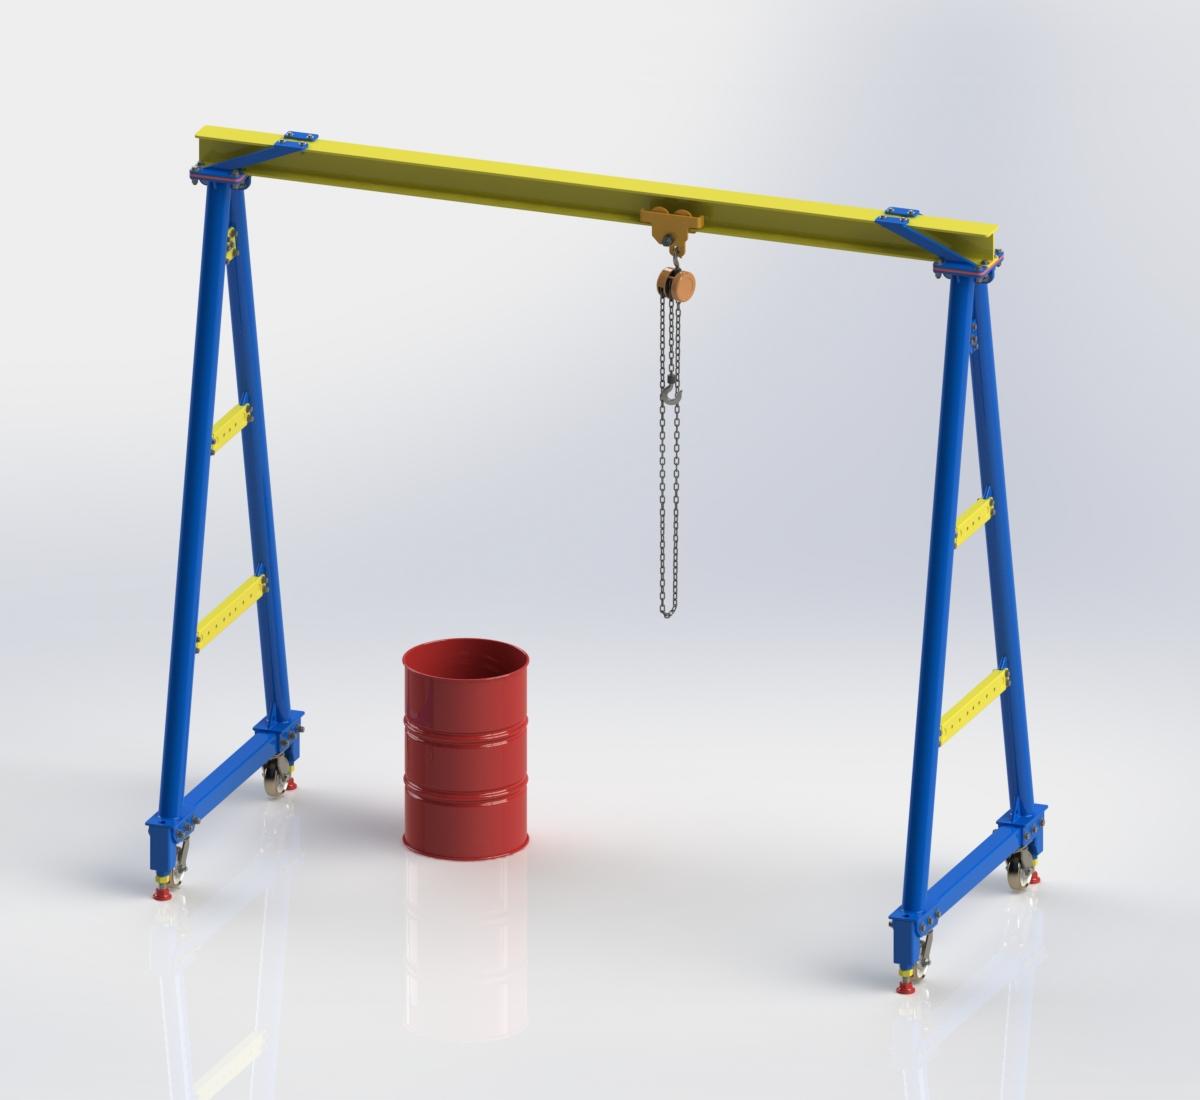 5011  hoist gantry crane download free 3d cad models